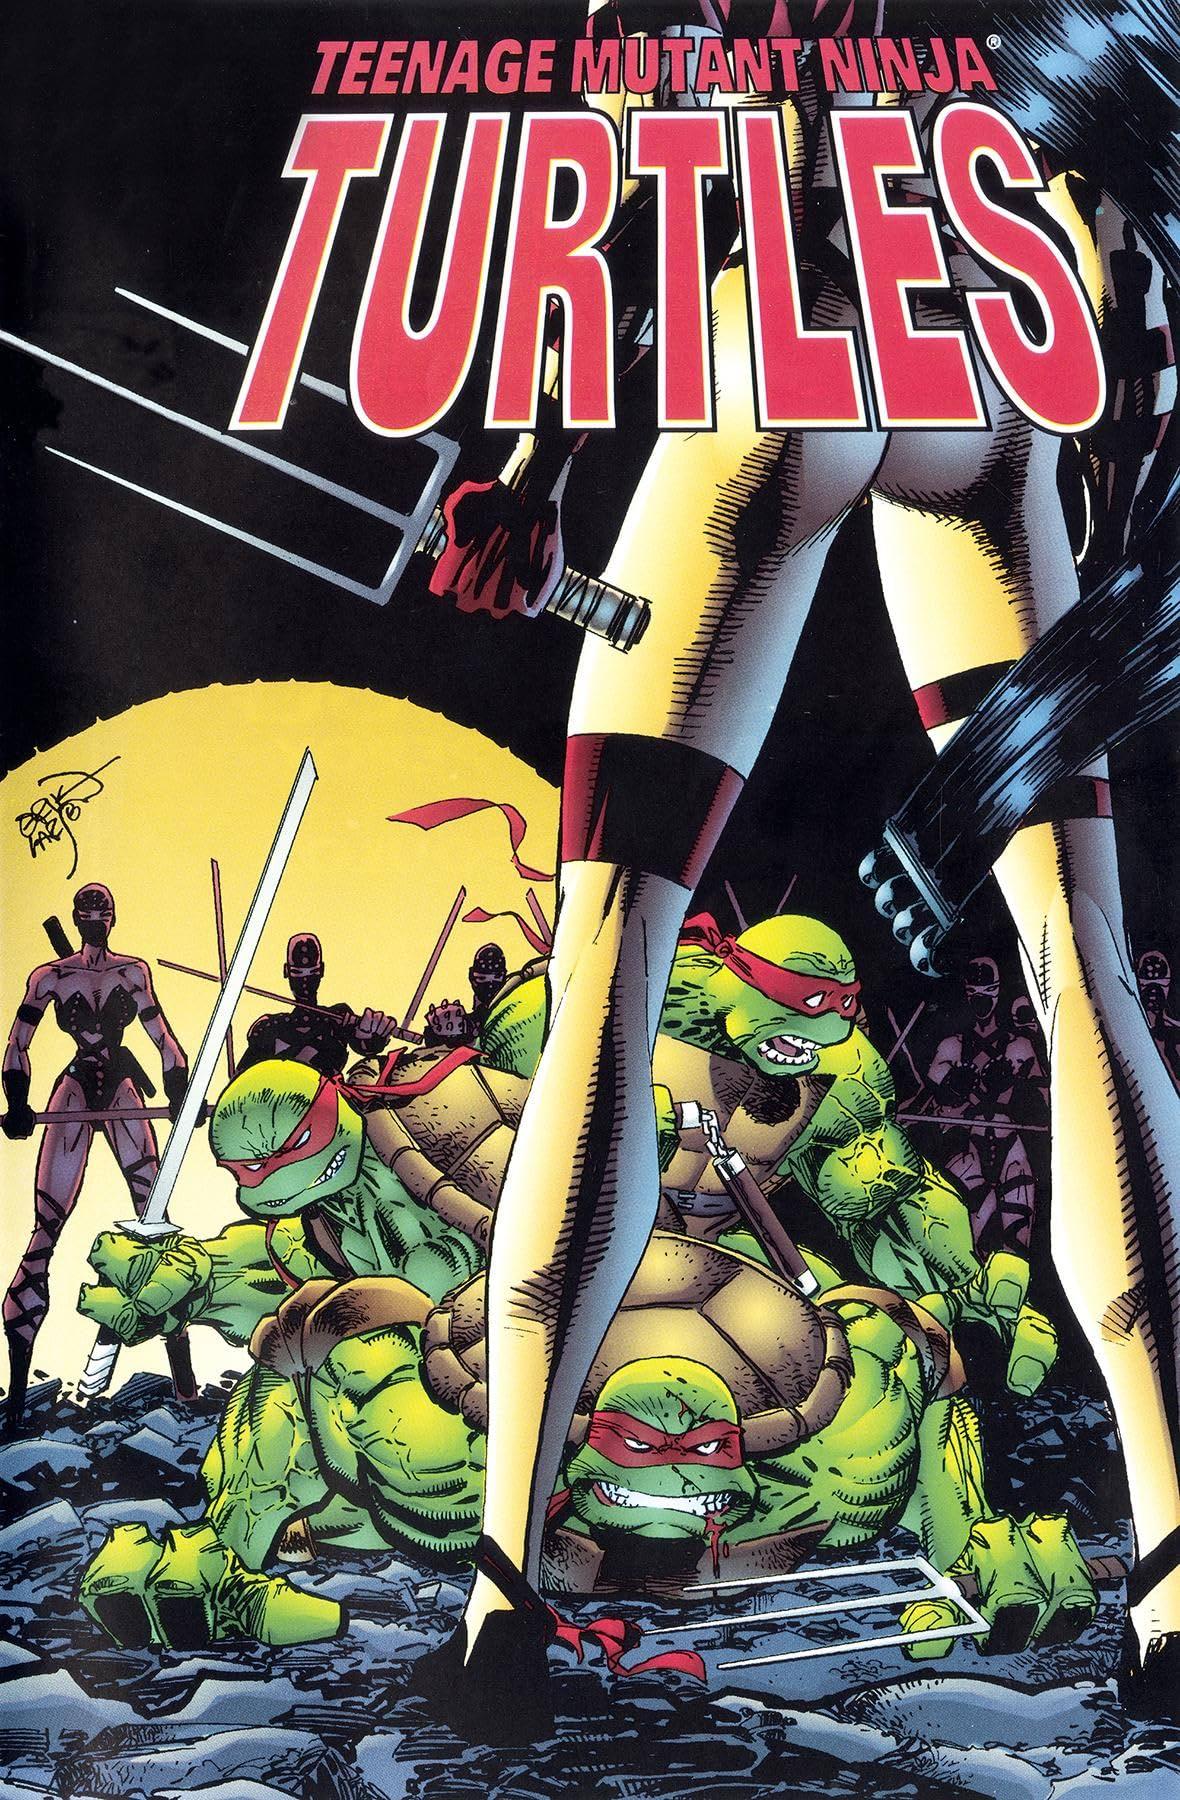 Teenage Mutant Ninja Turtles: Urban Legends #2